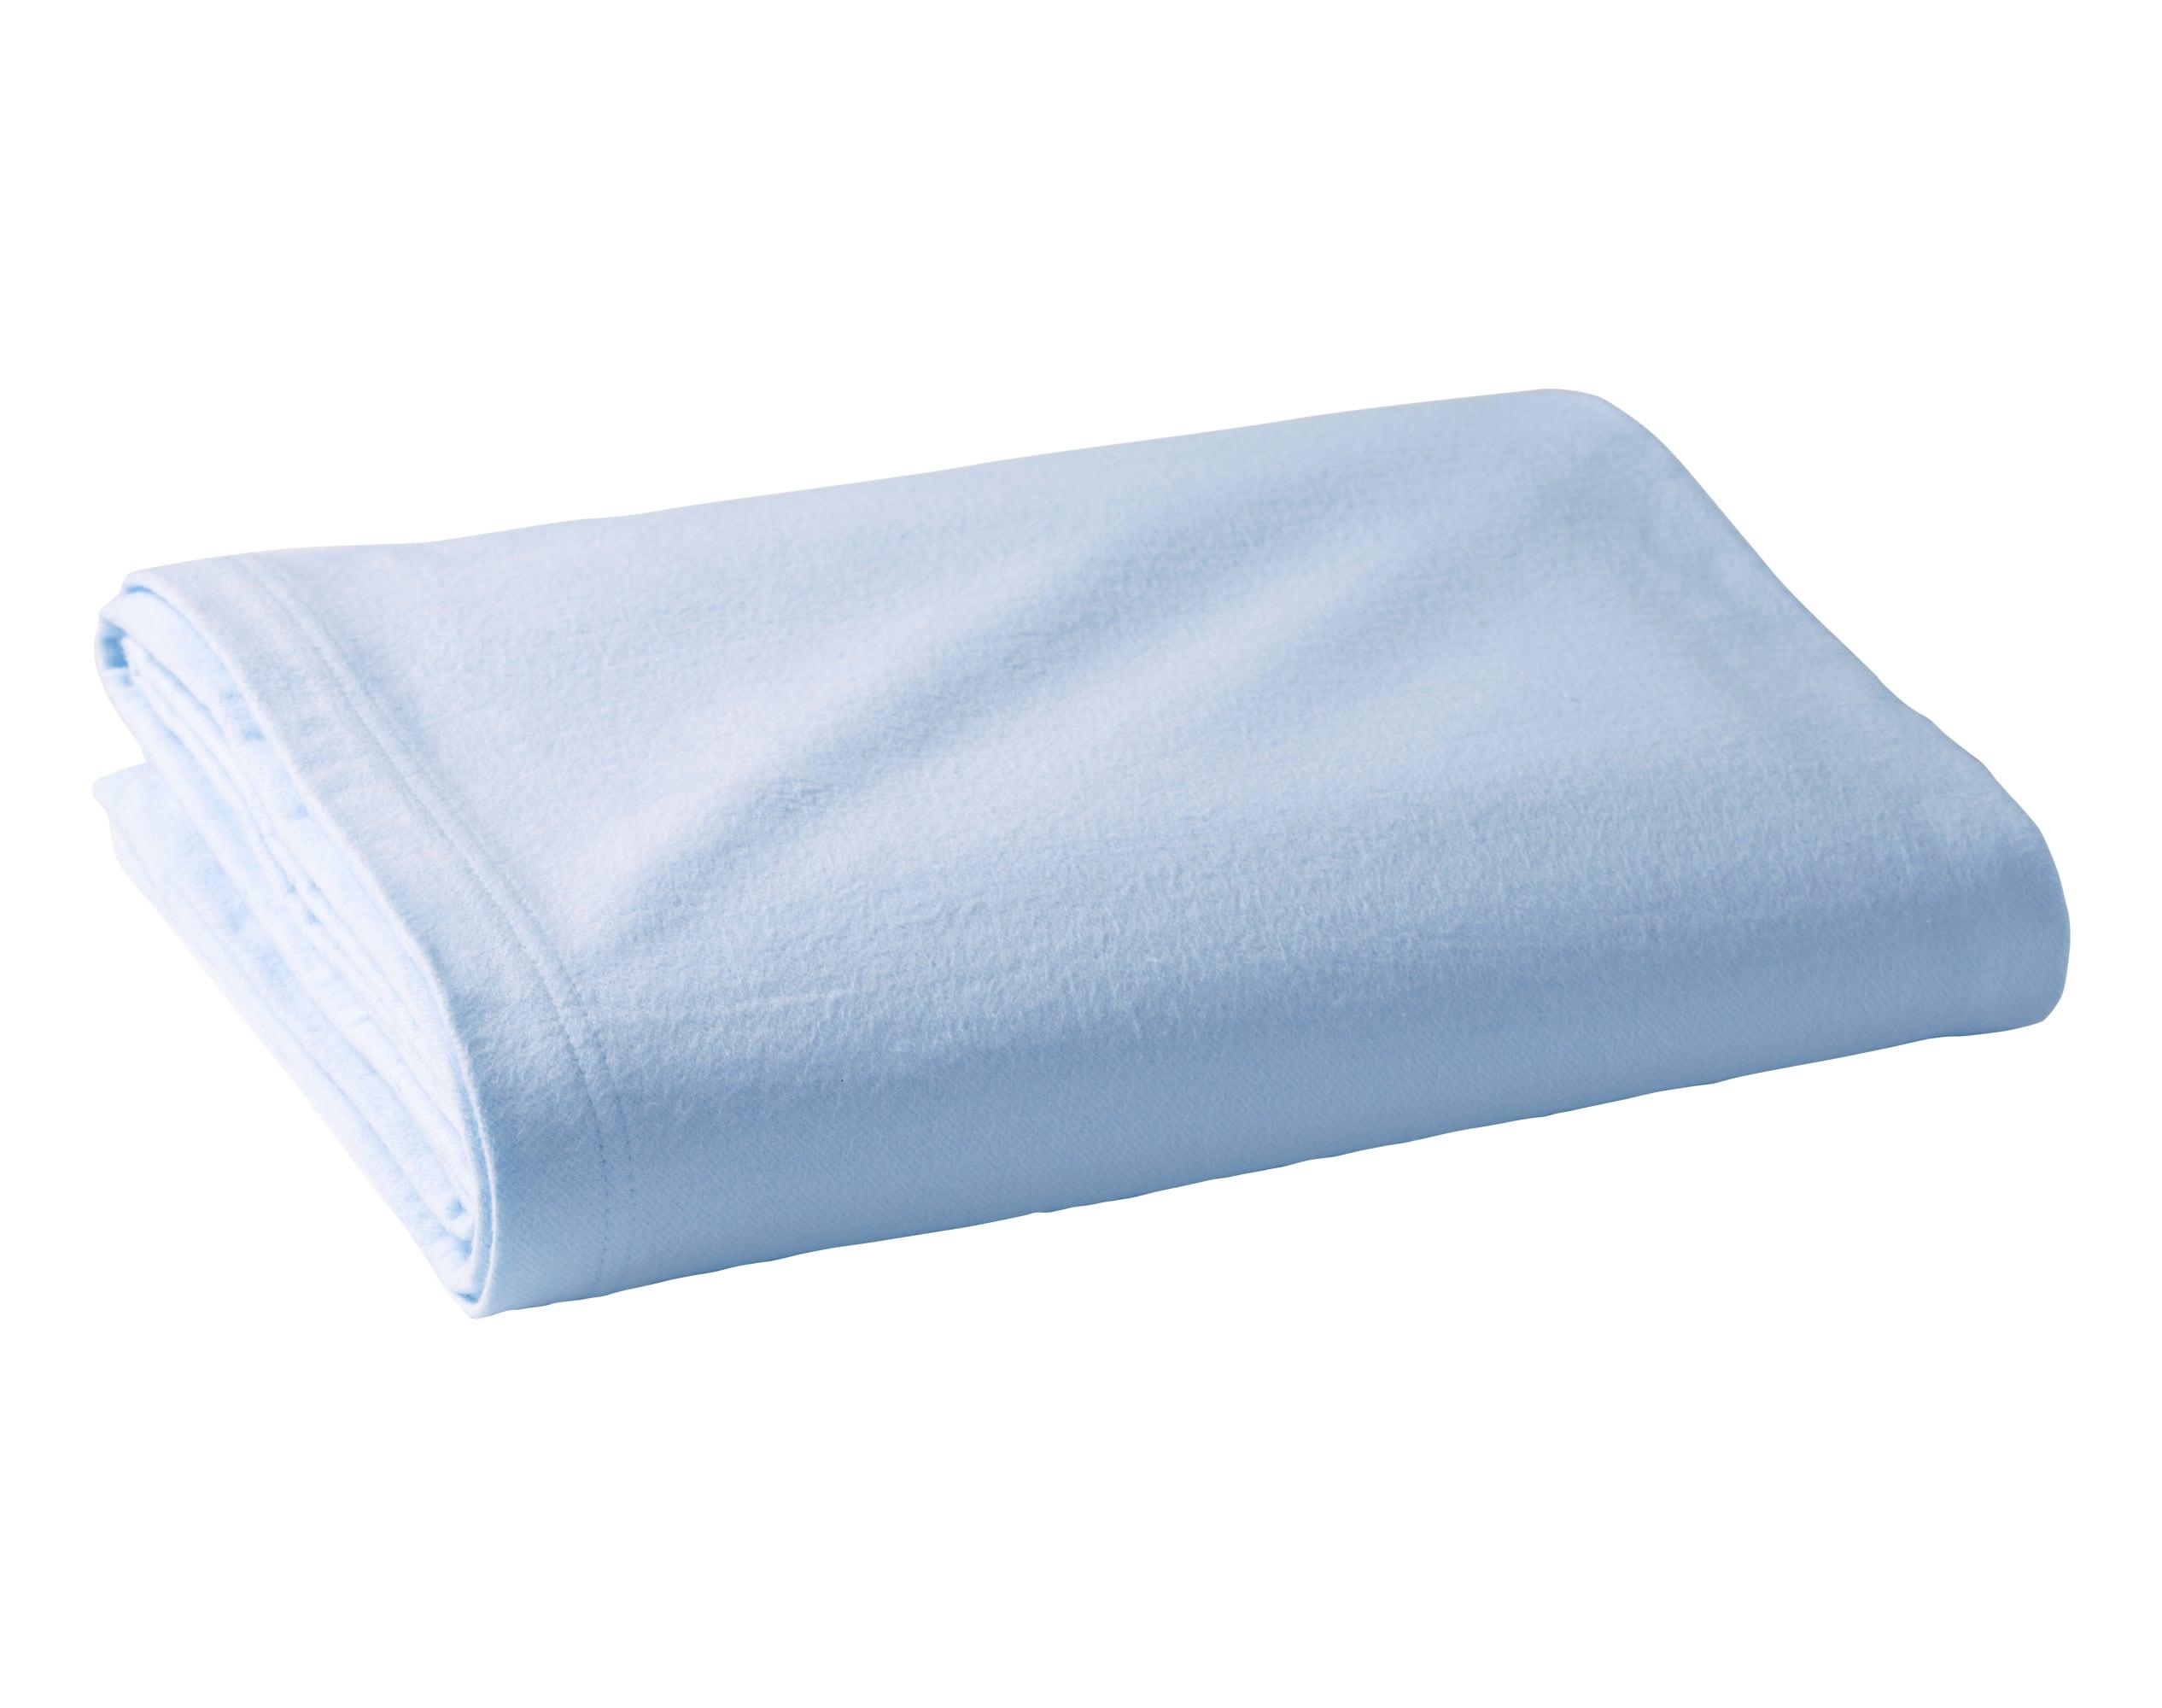 Couverture d'été 240x260 bleue en coton